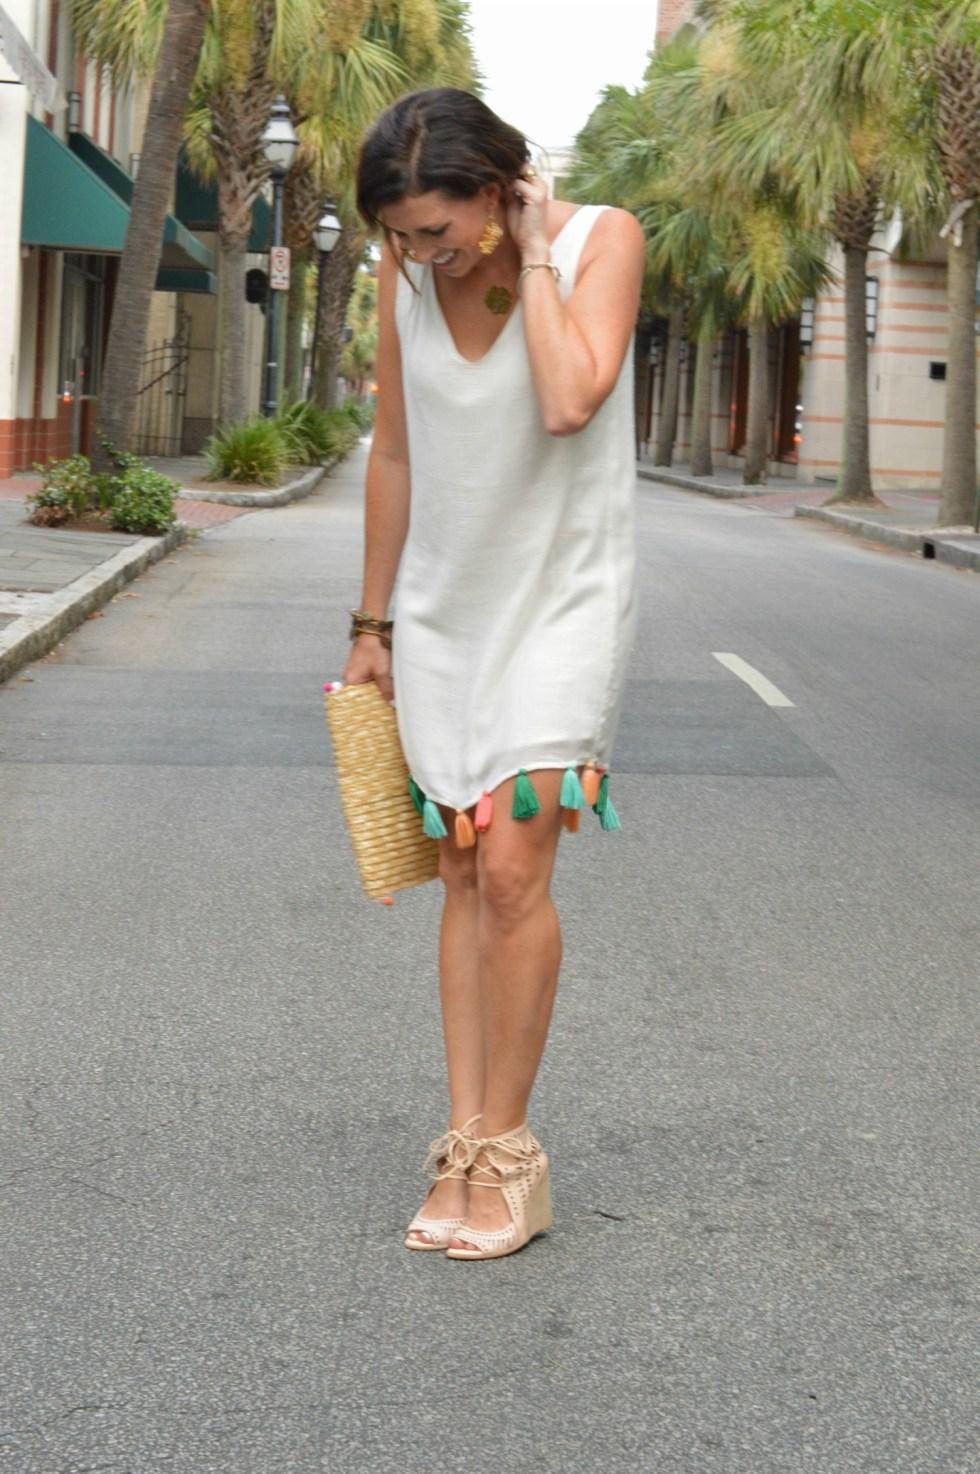 Bora Bora Dress from Revolve Clothing